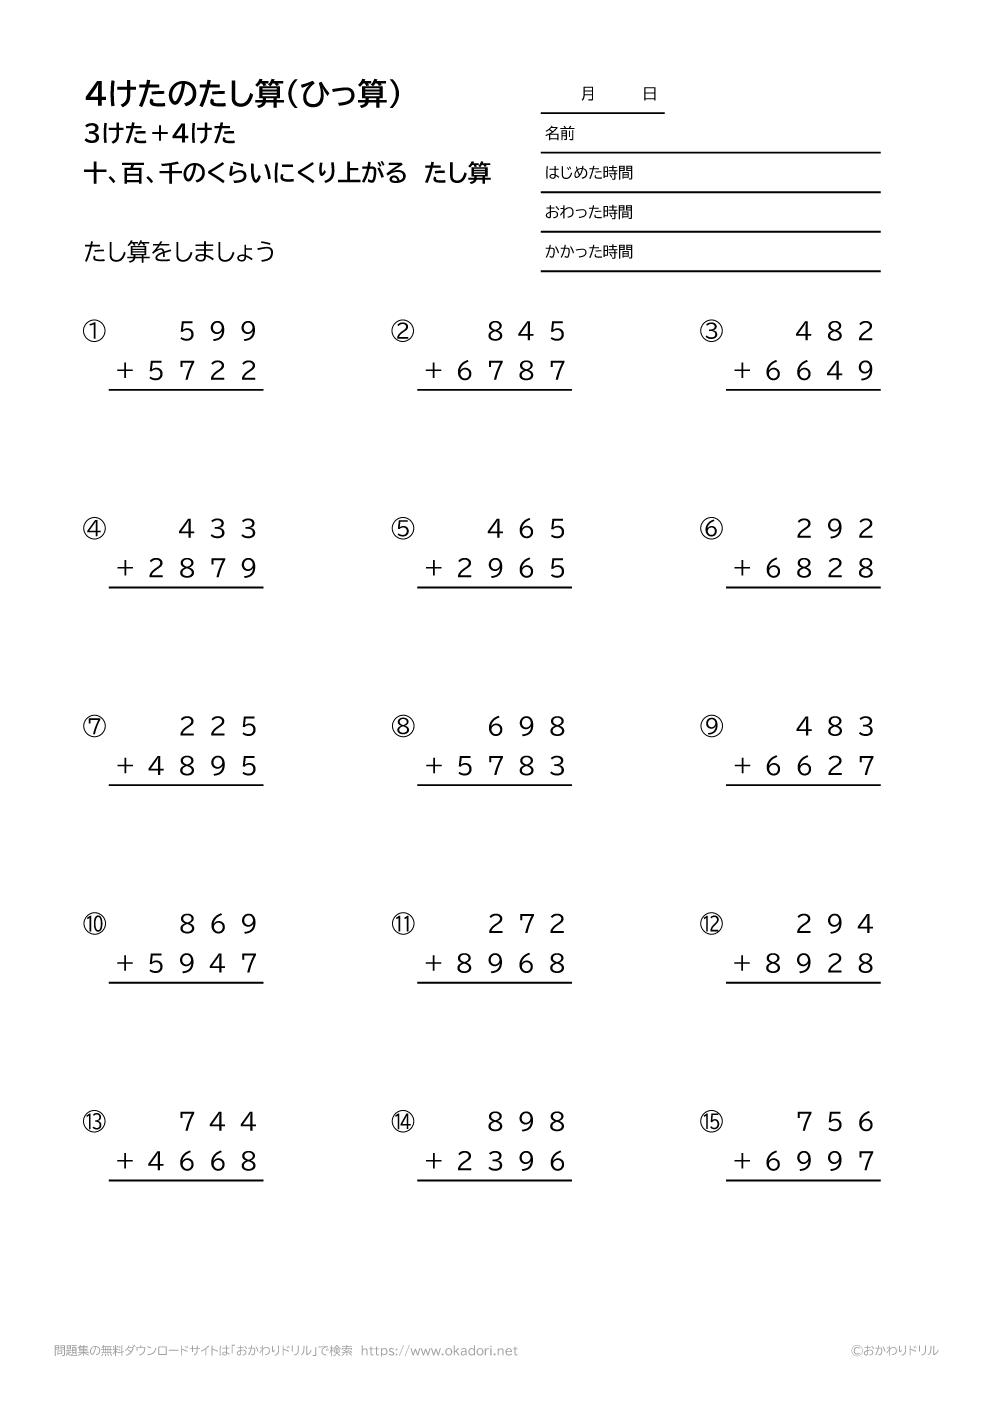 3桁+4桁の十、百、千の位に繰り上がる足し算の筆算6